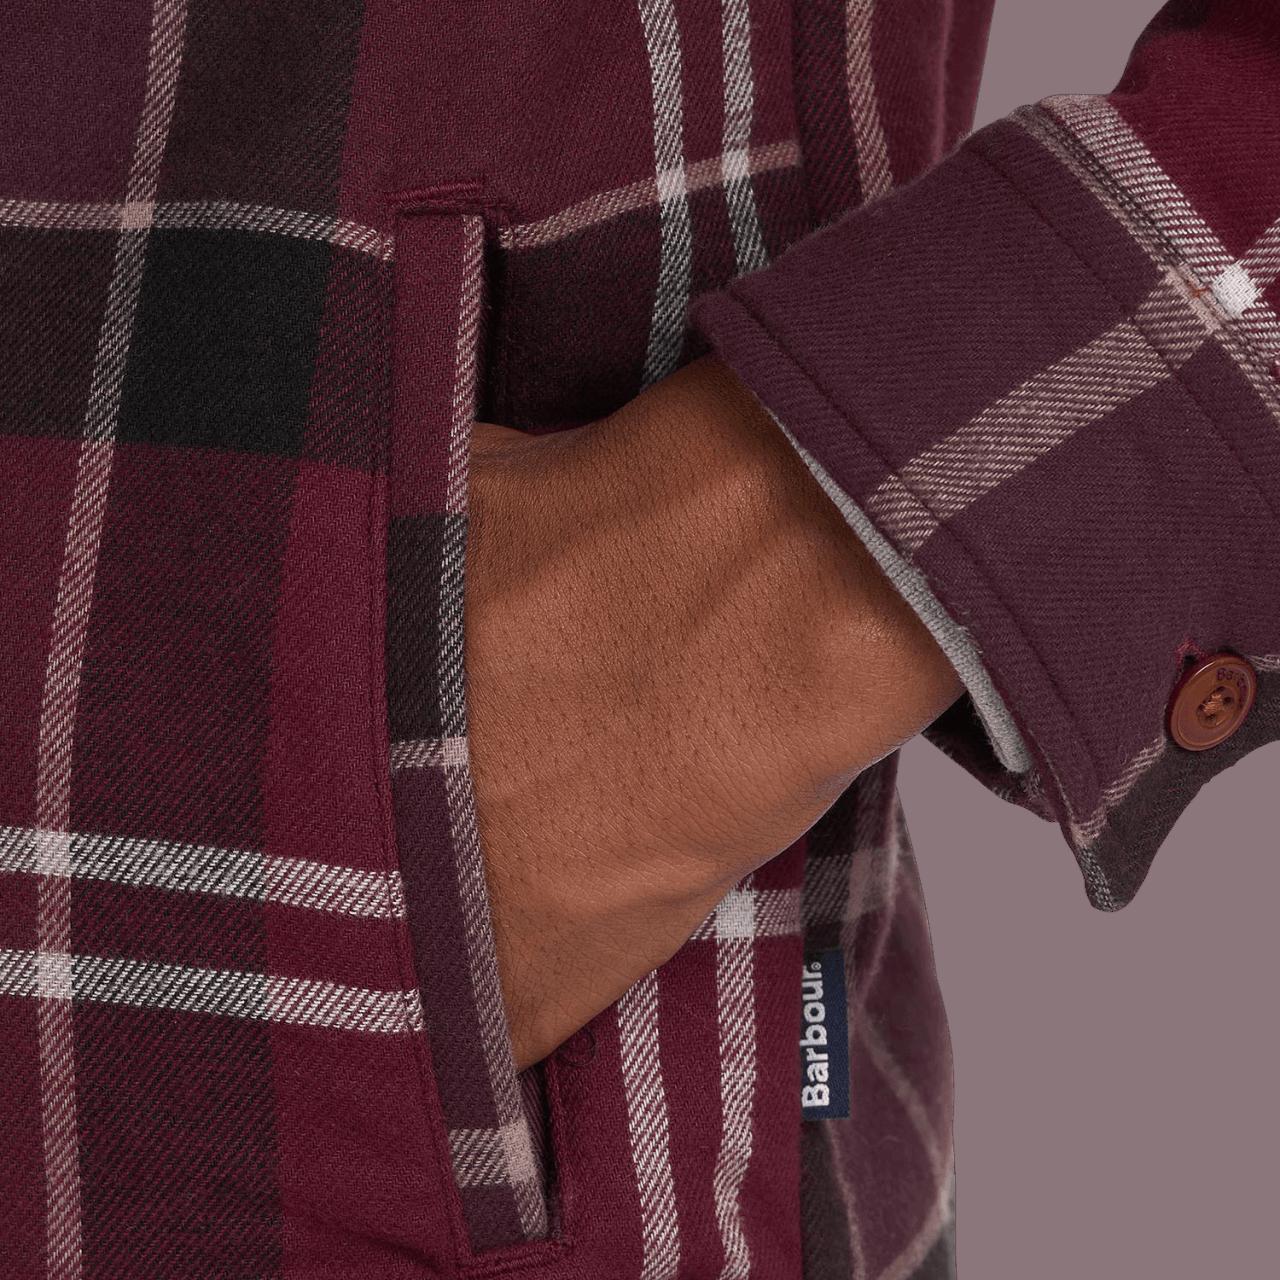 Barbour Cannich Overshirt - winter red tartan